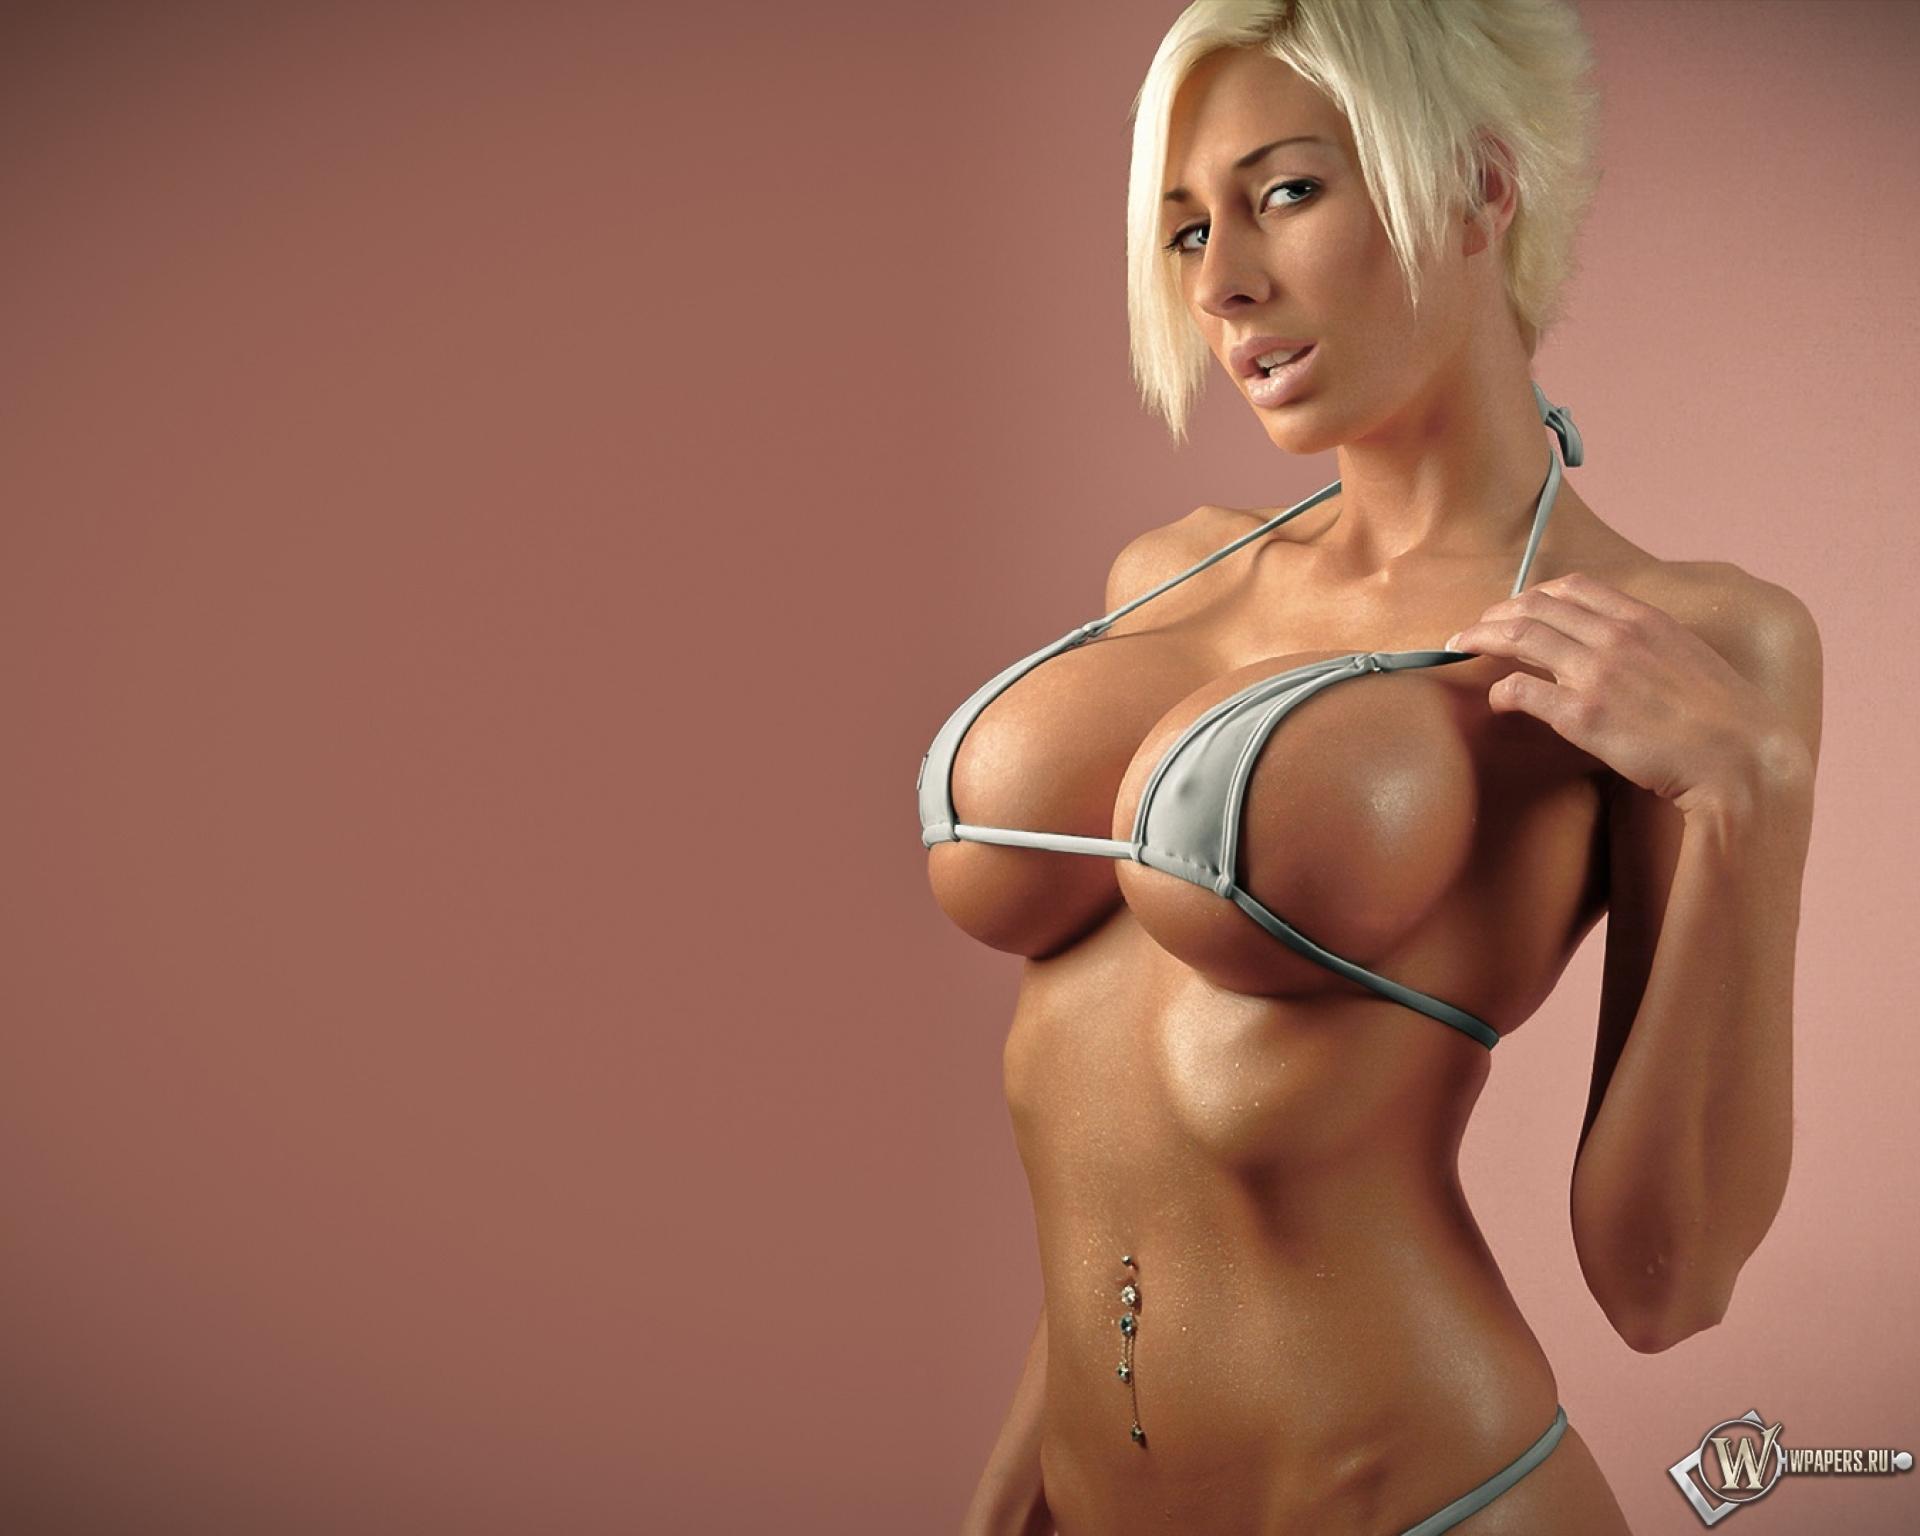 Сексуальные девушки с большими формами 4 фотография